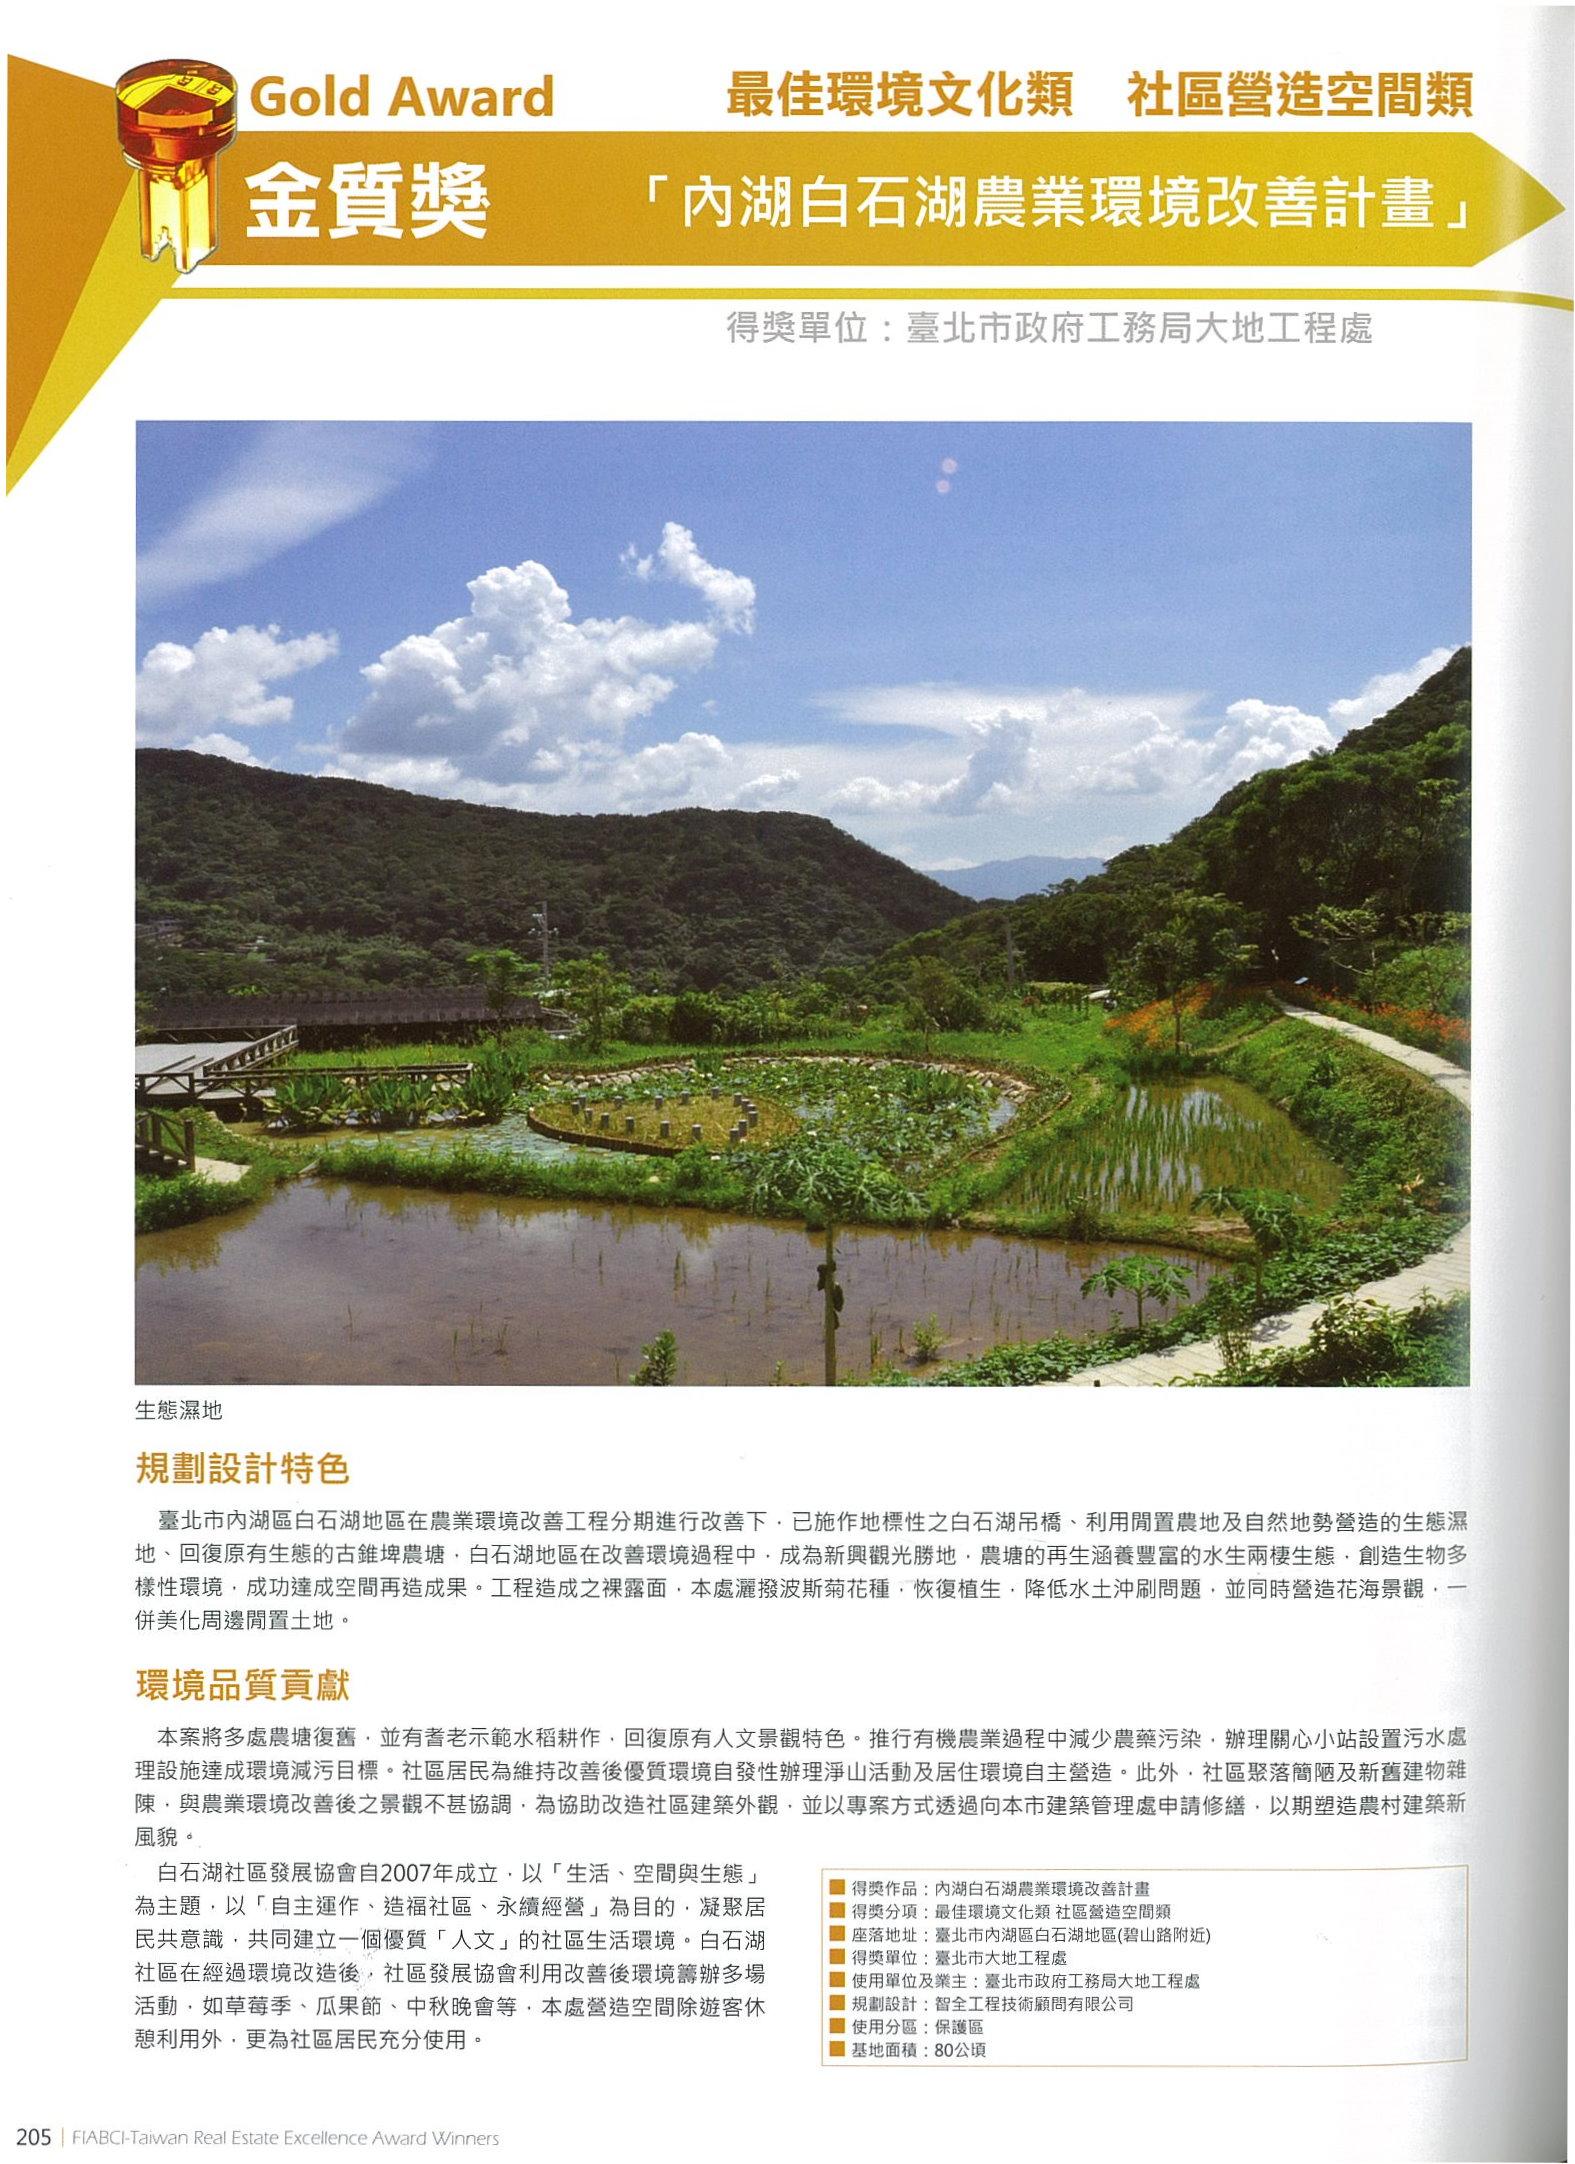 2012國家卓越建設獎-白石湖